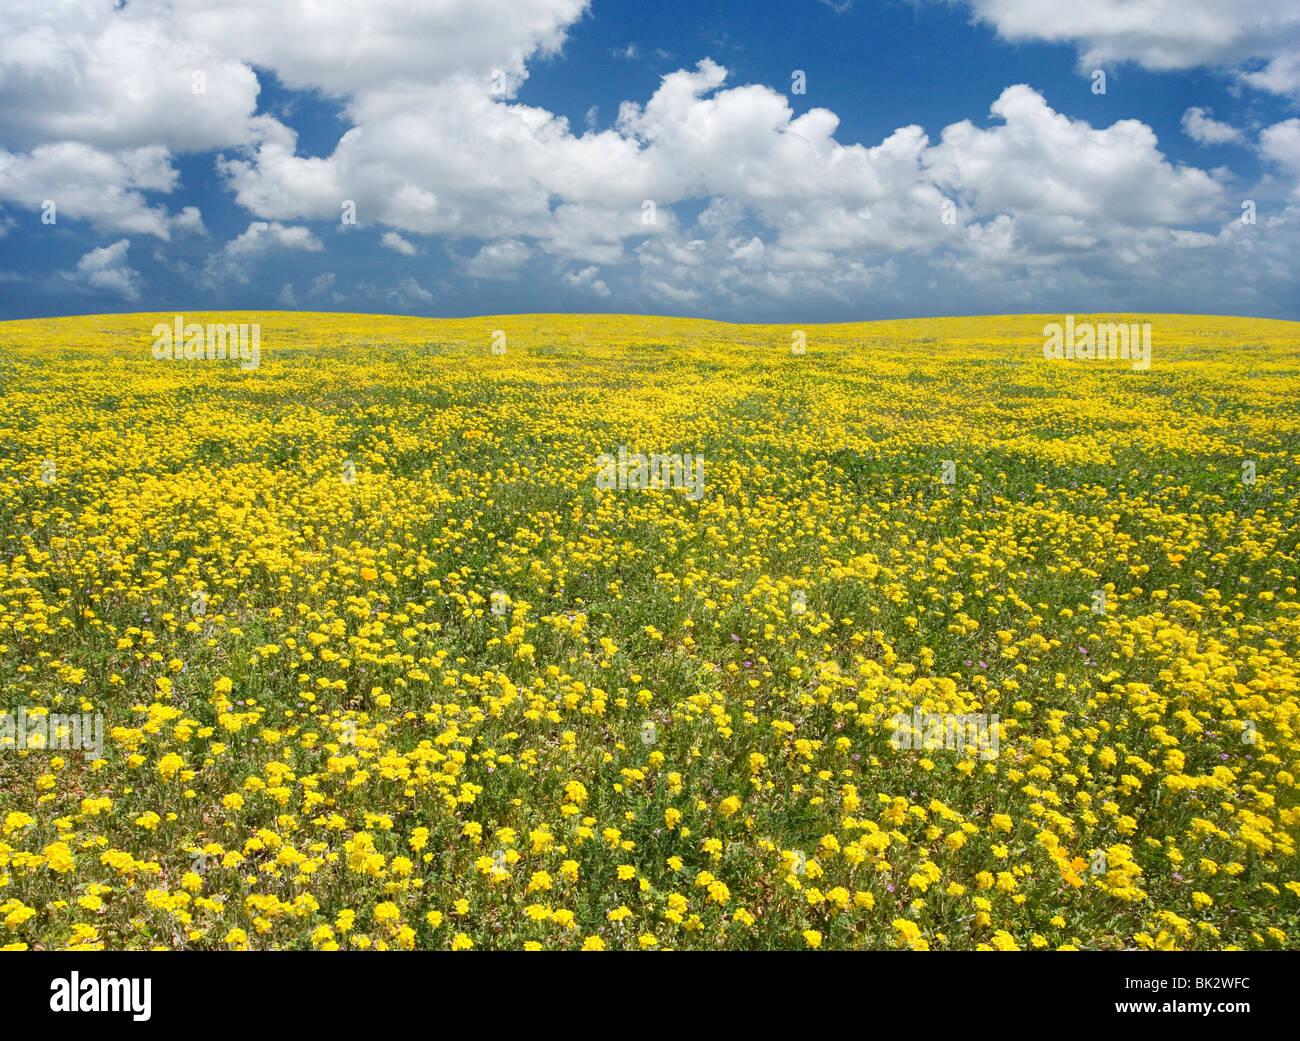 Un grand champ de fleurs sauvages jaune qui va à l'infini. Le photographe retouché la ligne d'horizon Photo Stock